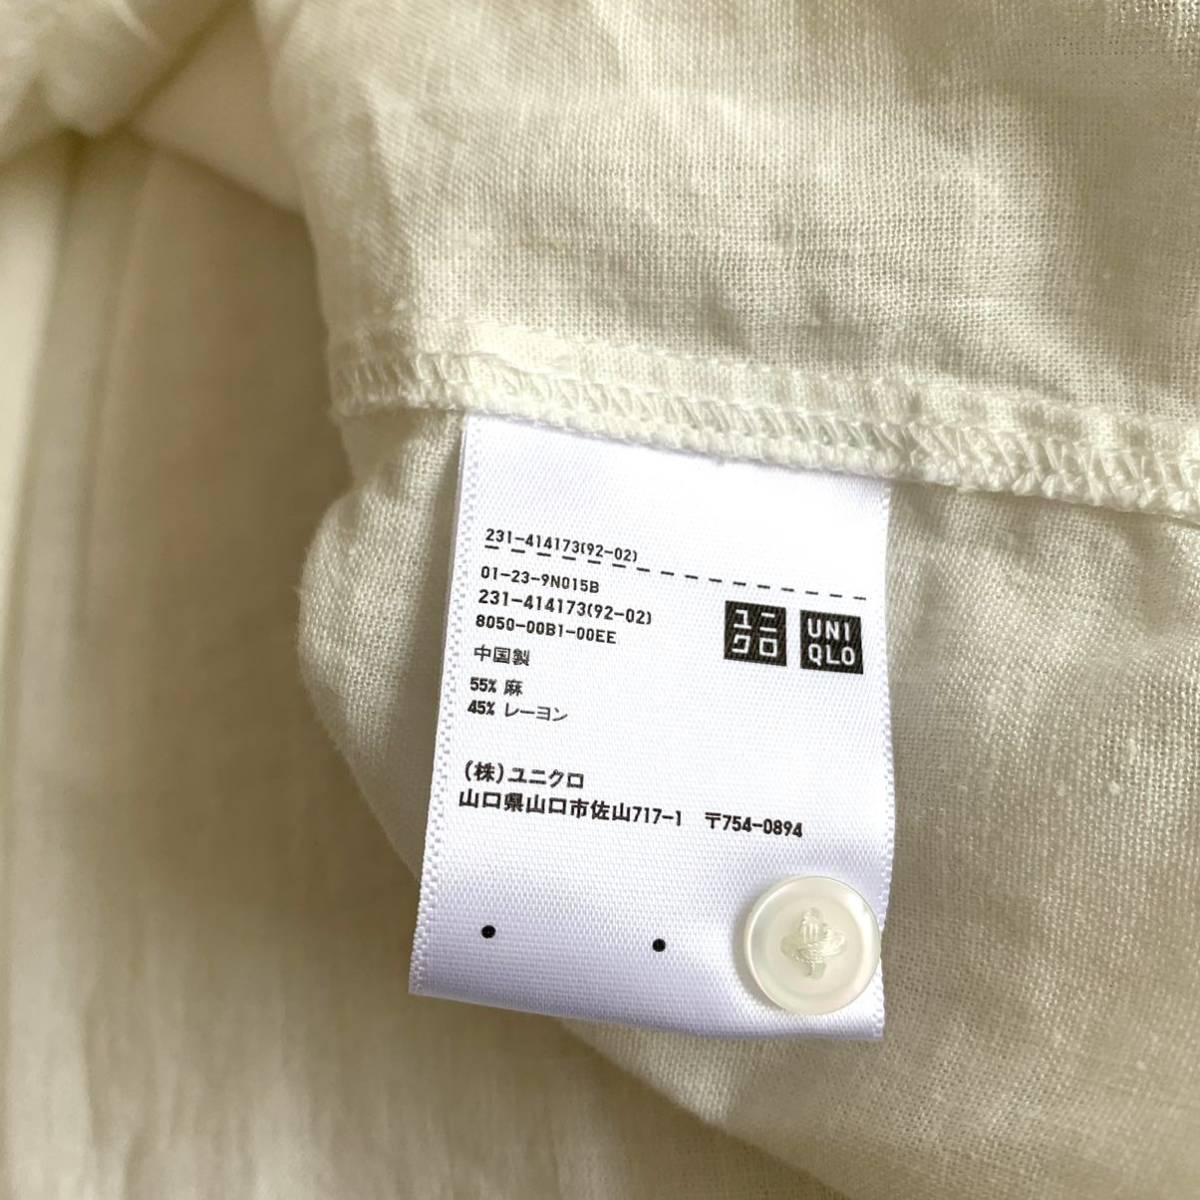 ユニクロ リネンブレンドシャツ 白 ホワイト_画像3